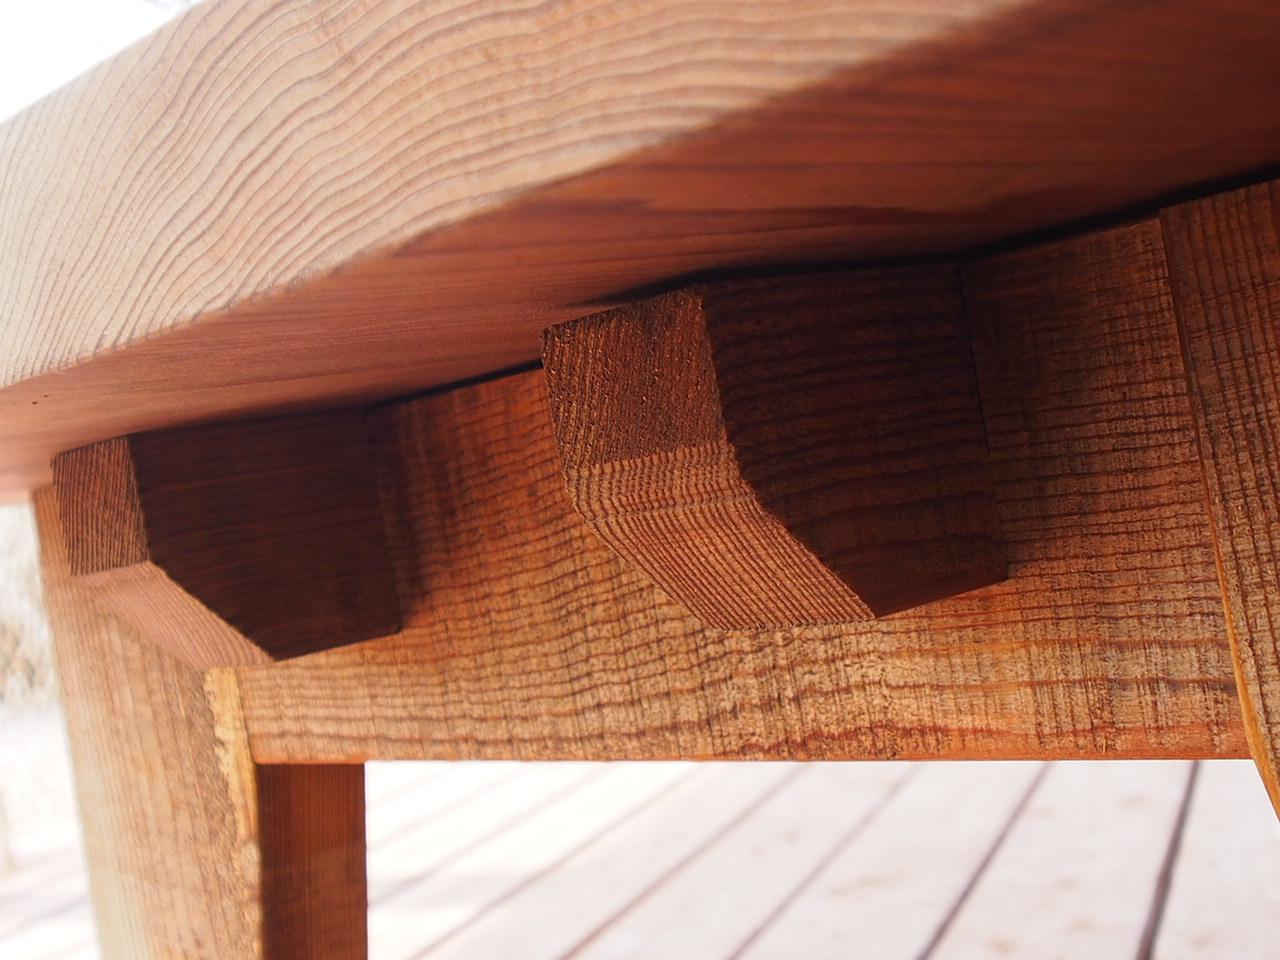 【那須高原 じざい工房 小林康文の素材を活かす家具づくり 古材風仕上げ座卓】